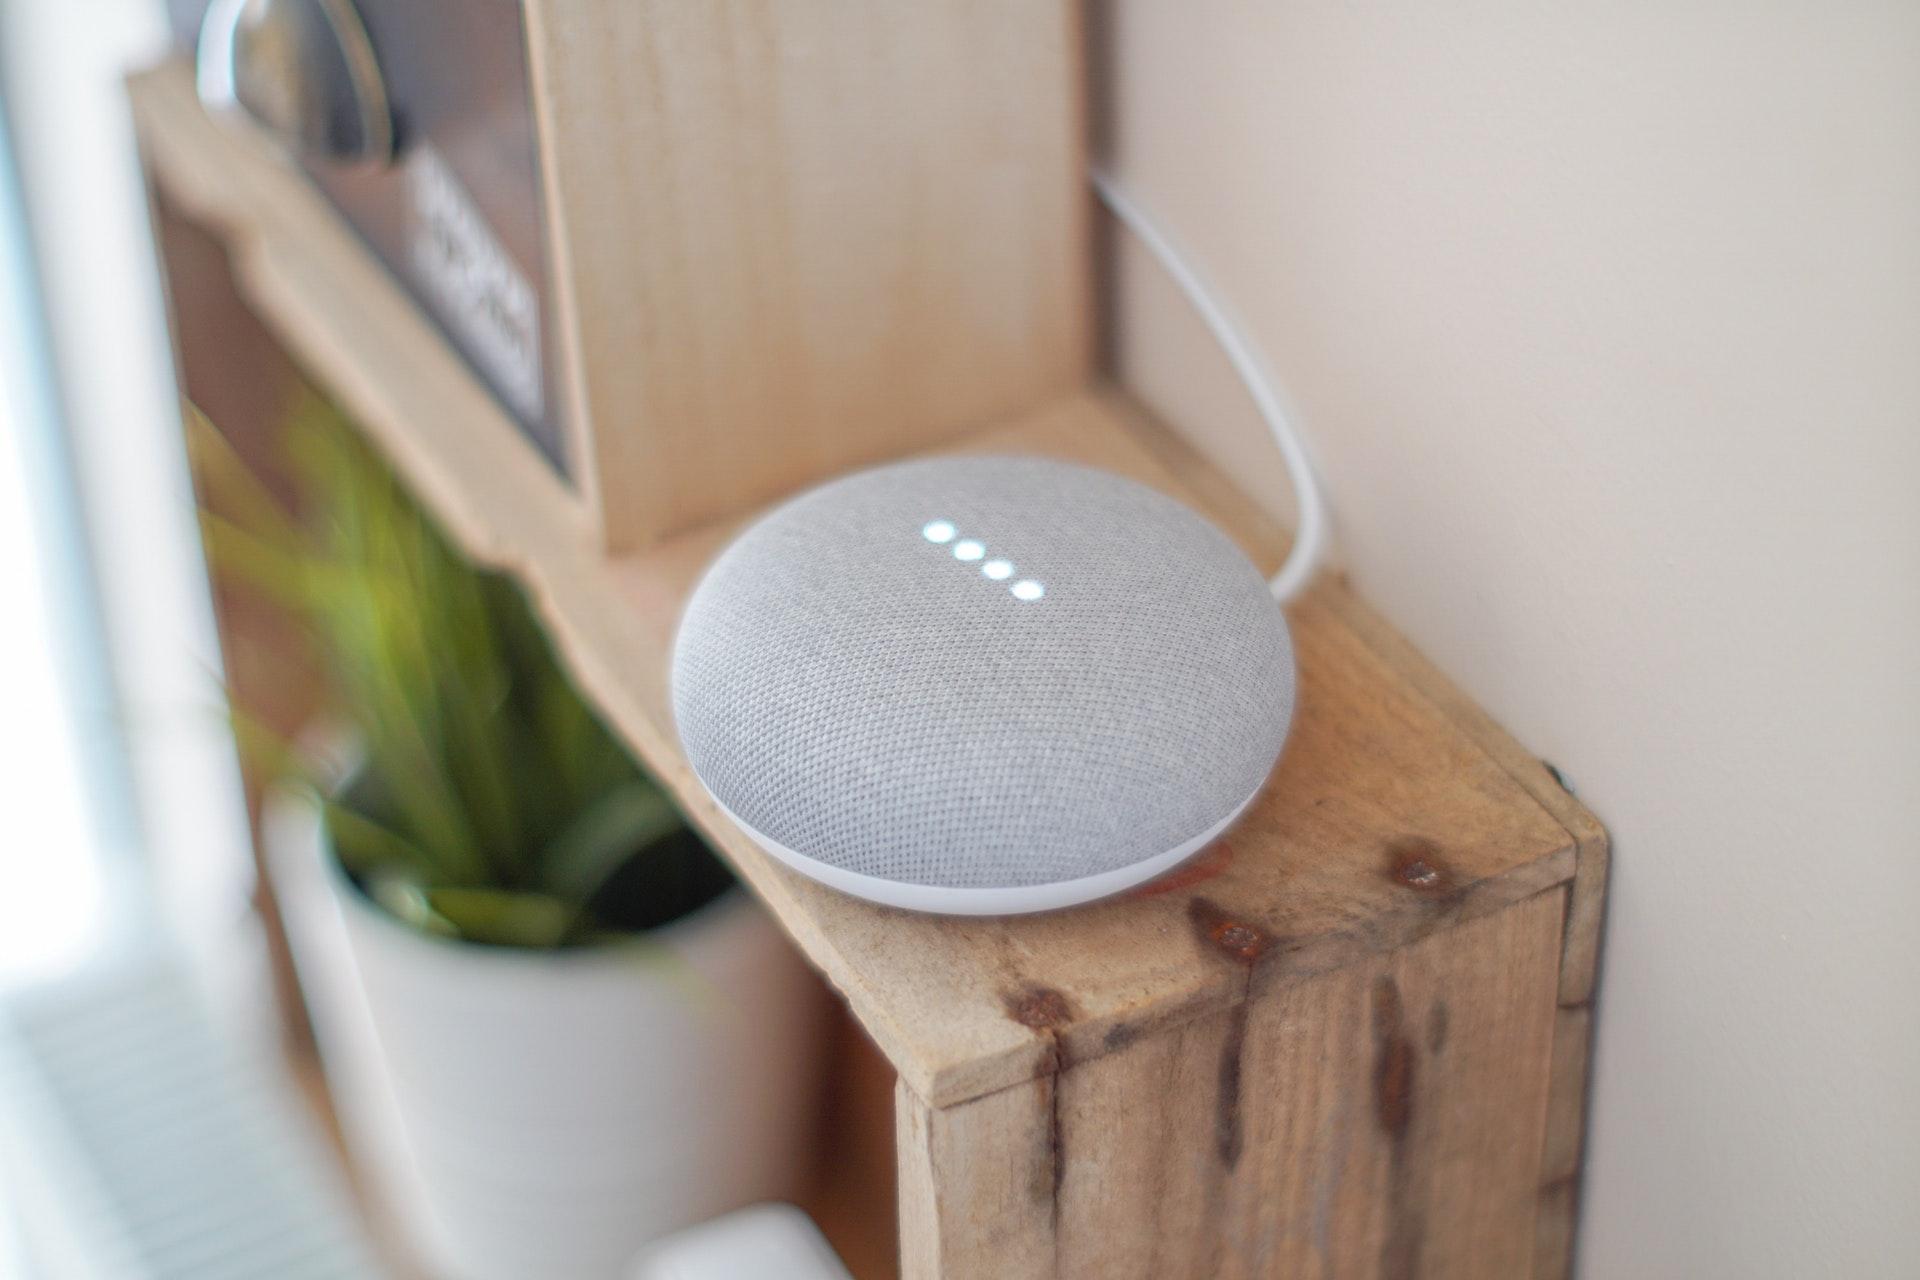 round grey google home speaker on brown board